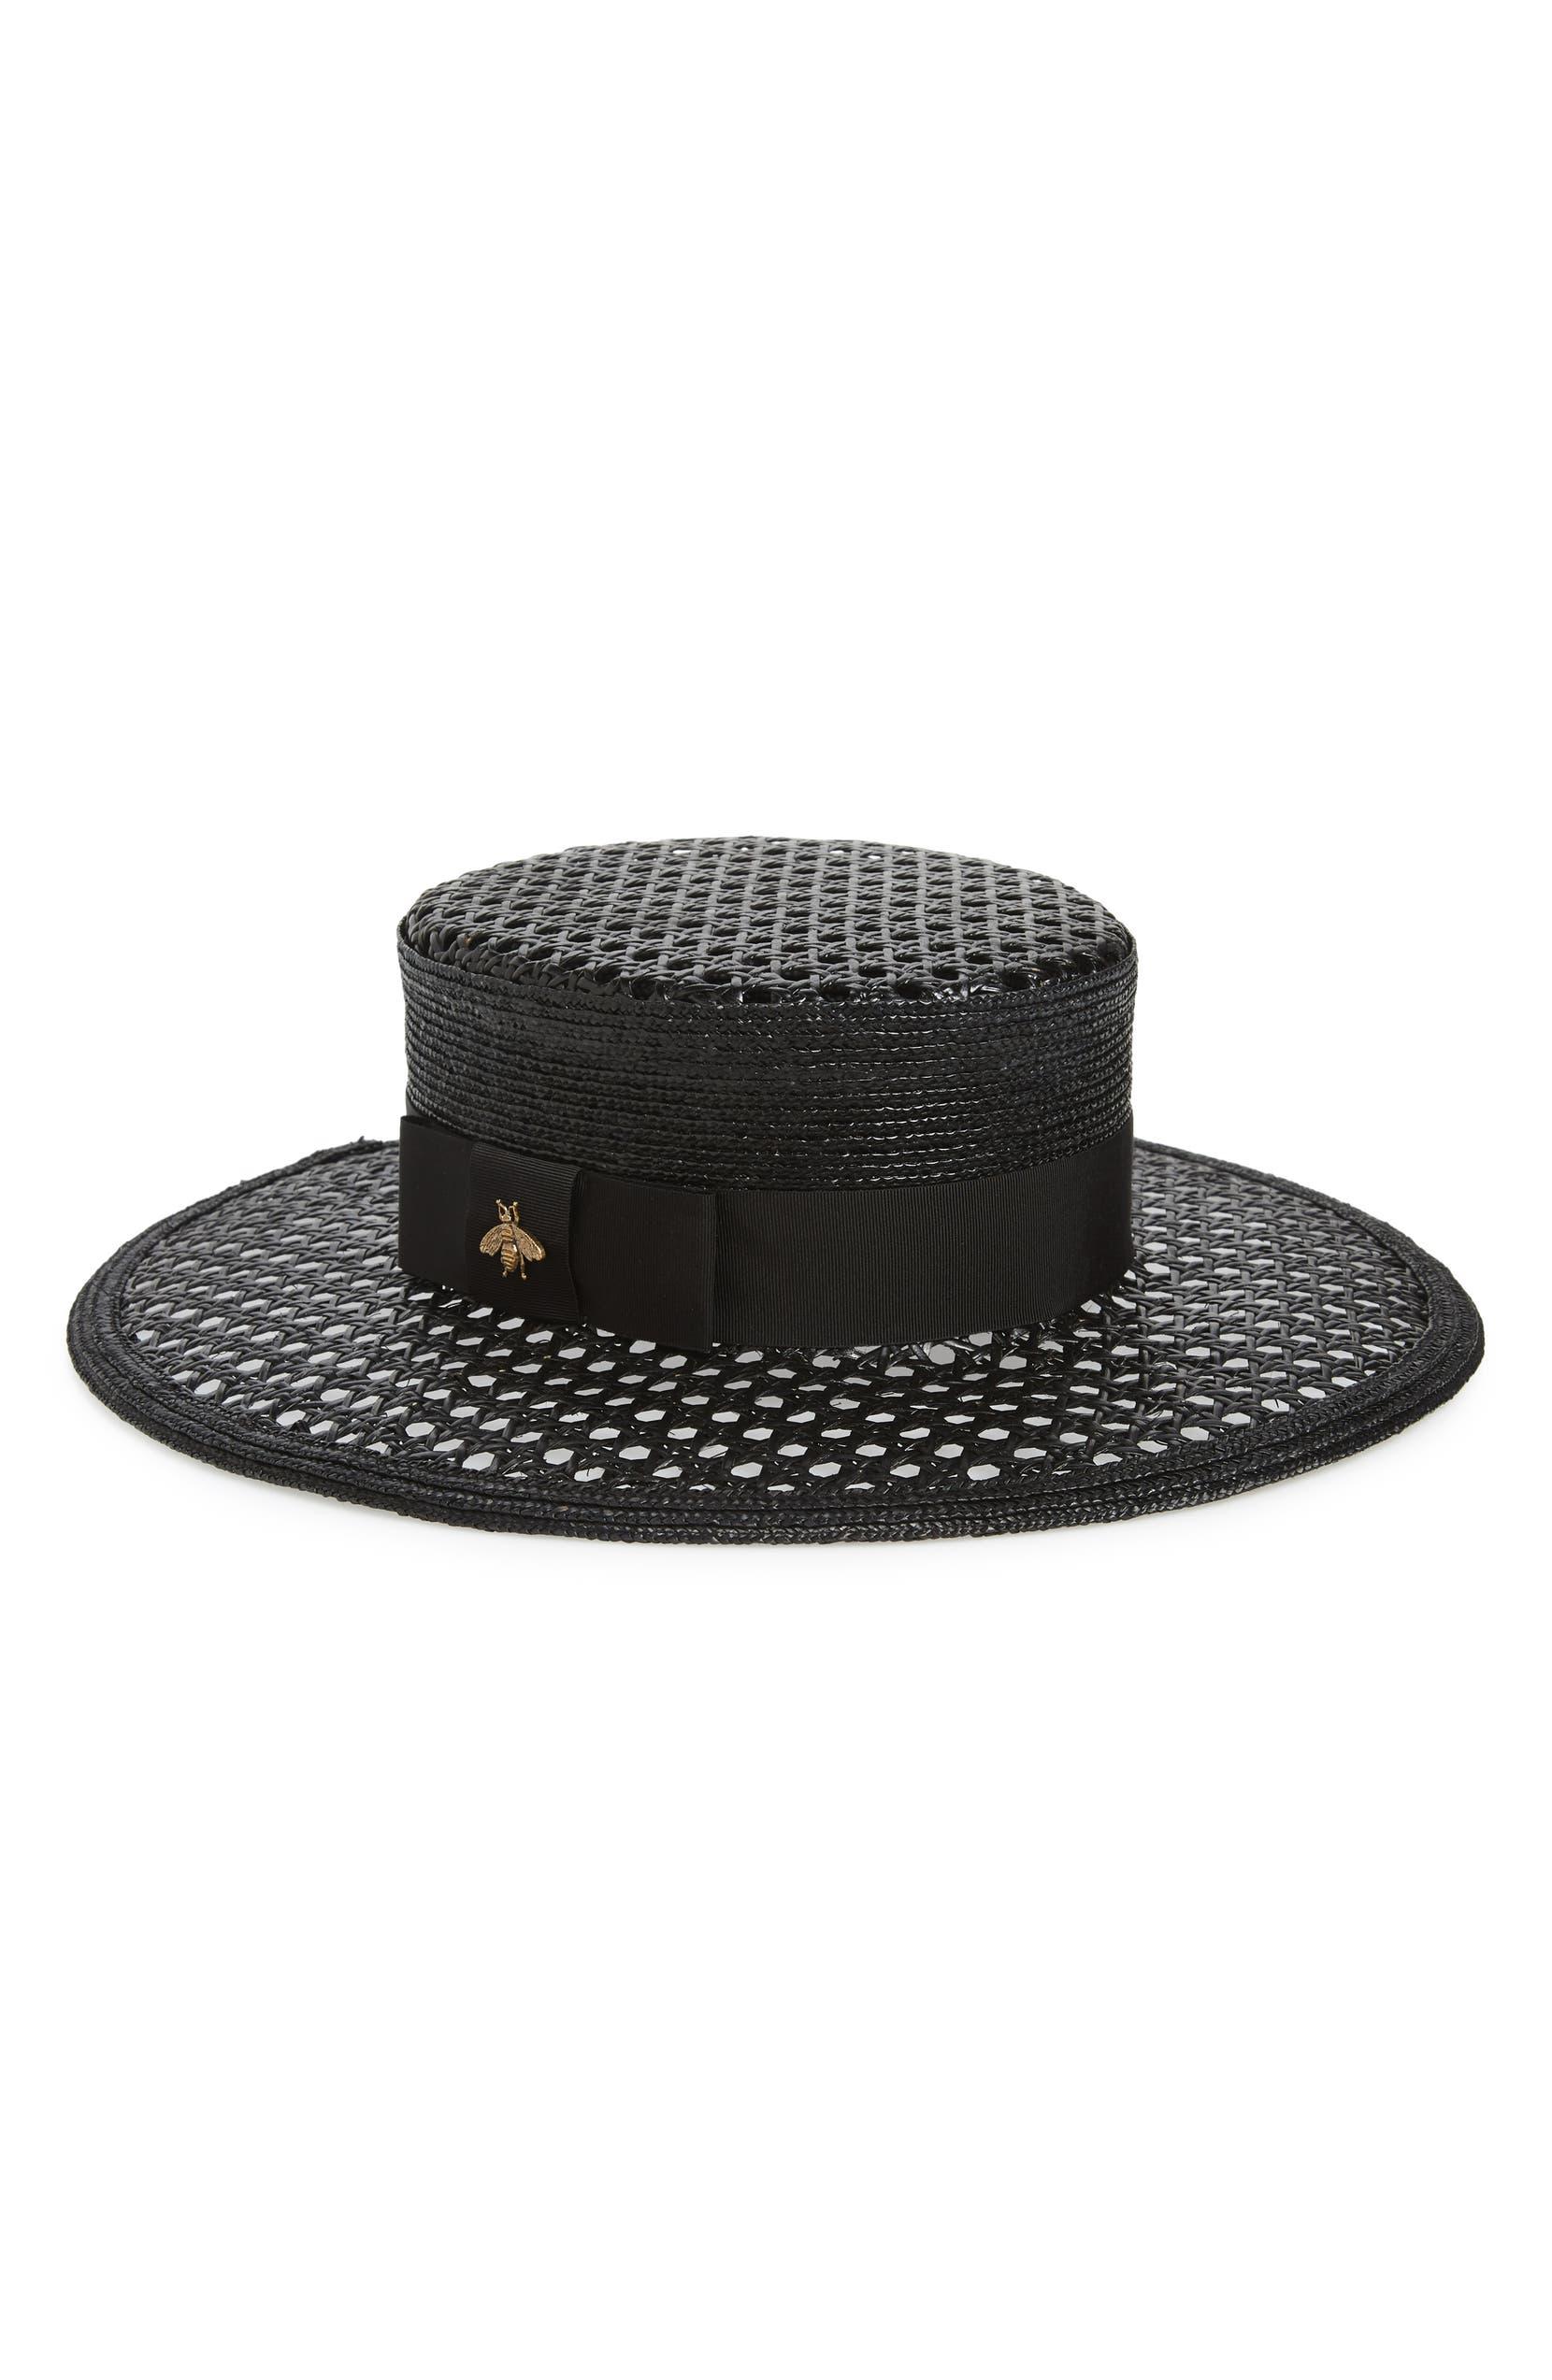 7bbf9fdc1dc Gucci Vienna Alba Open Woven Straw Hat